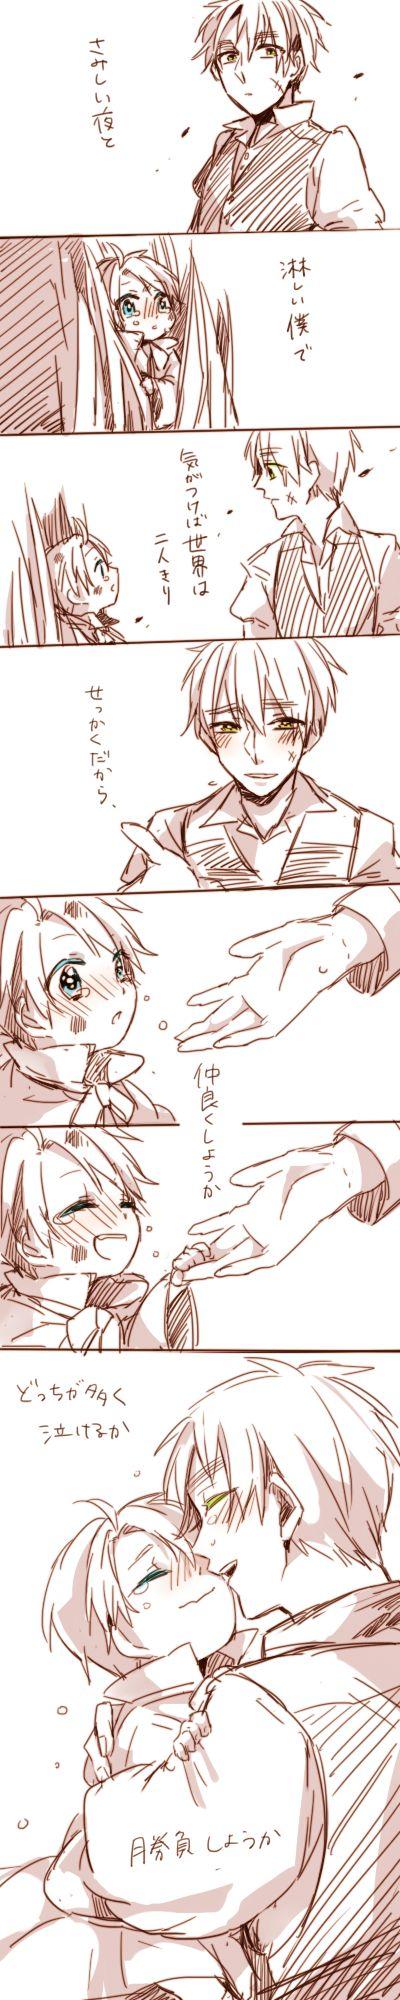 「【APH】LOG3」/「とむ」の漫画 [pixiv]